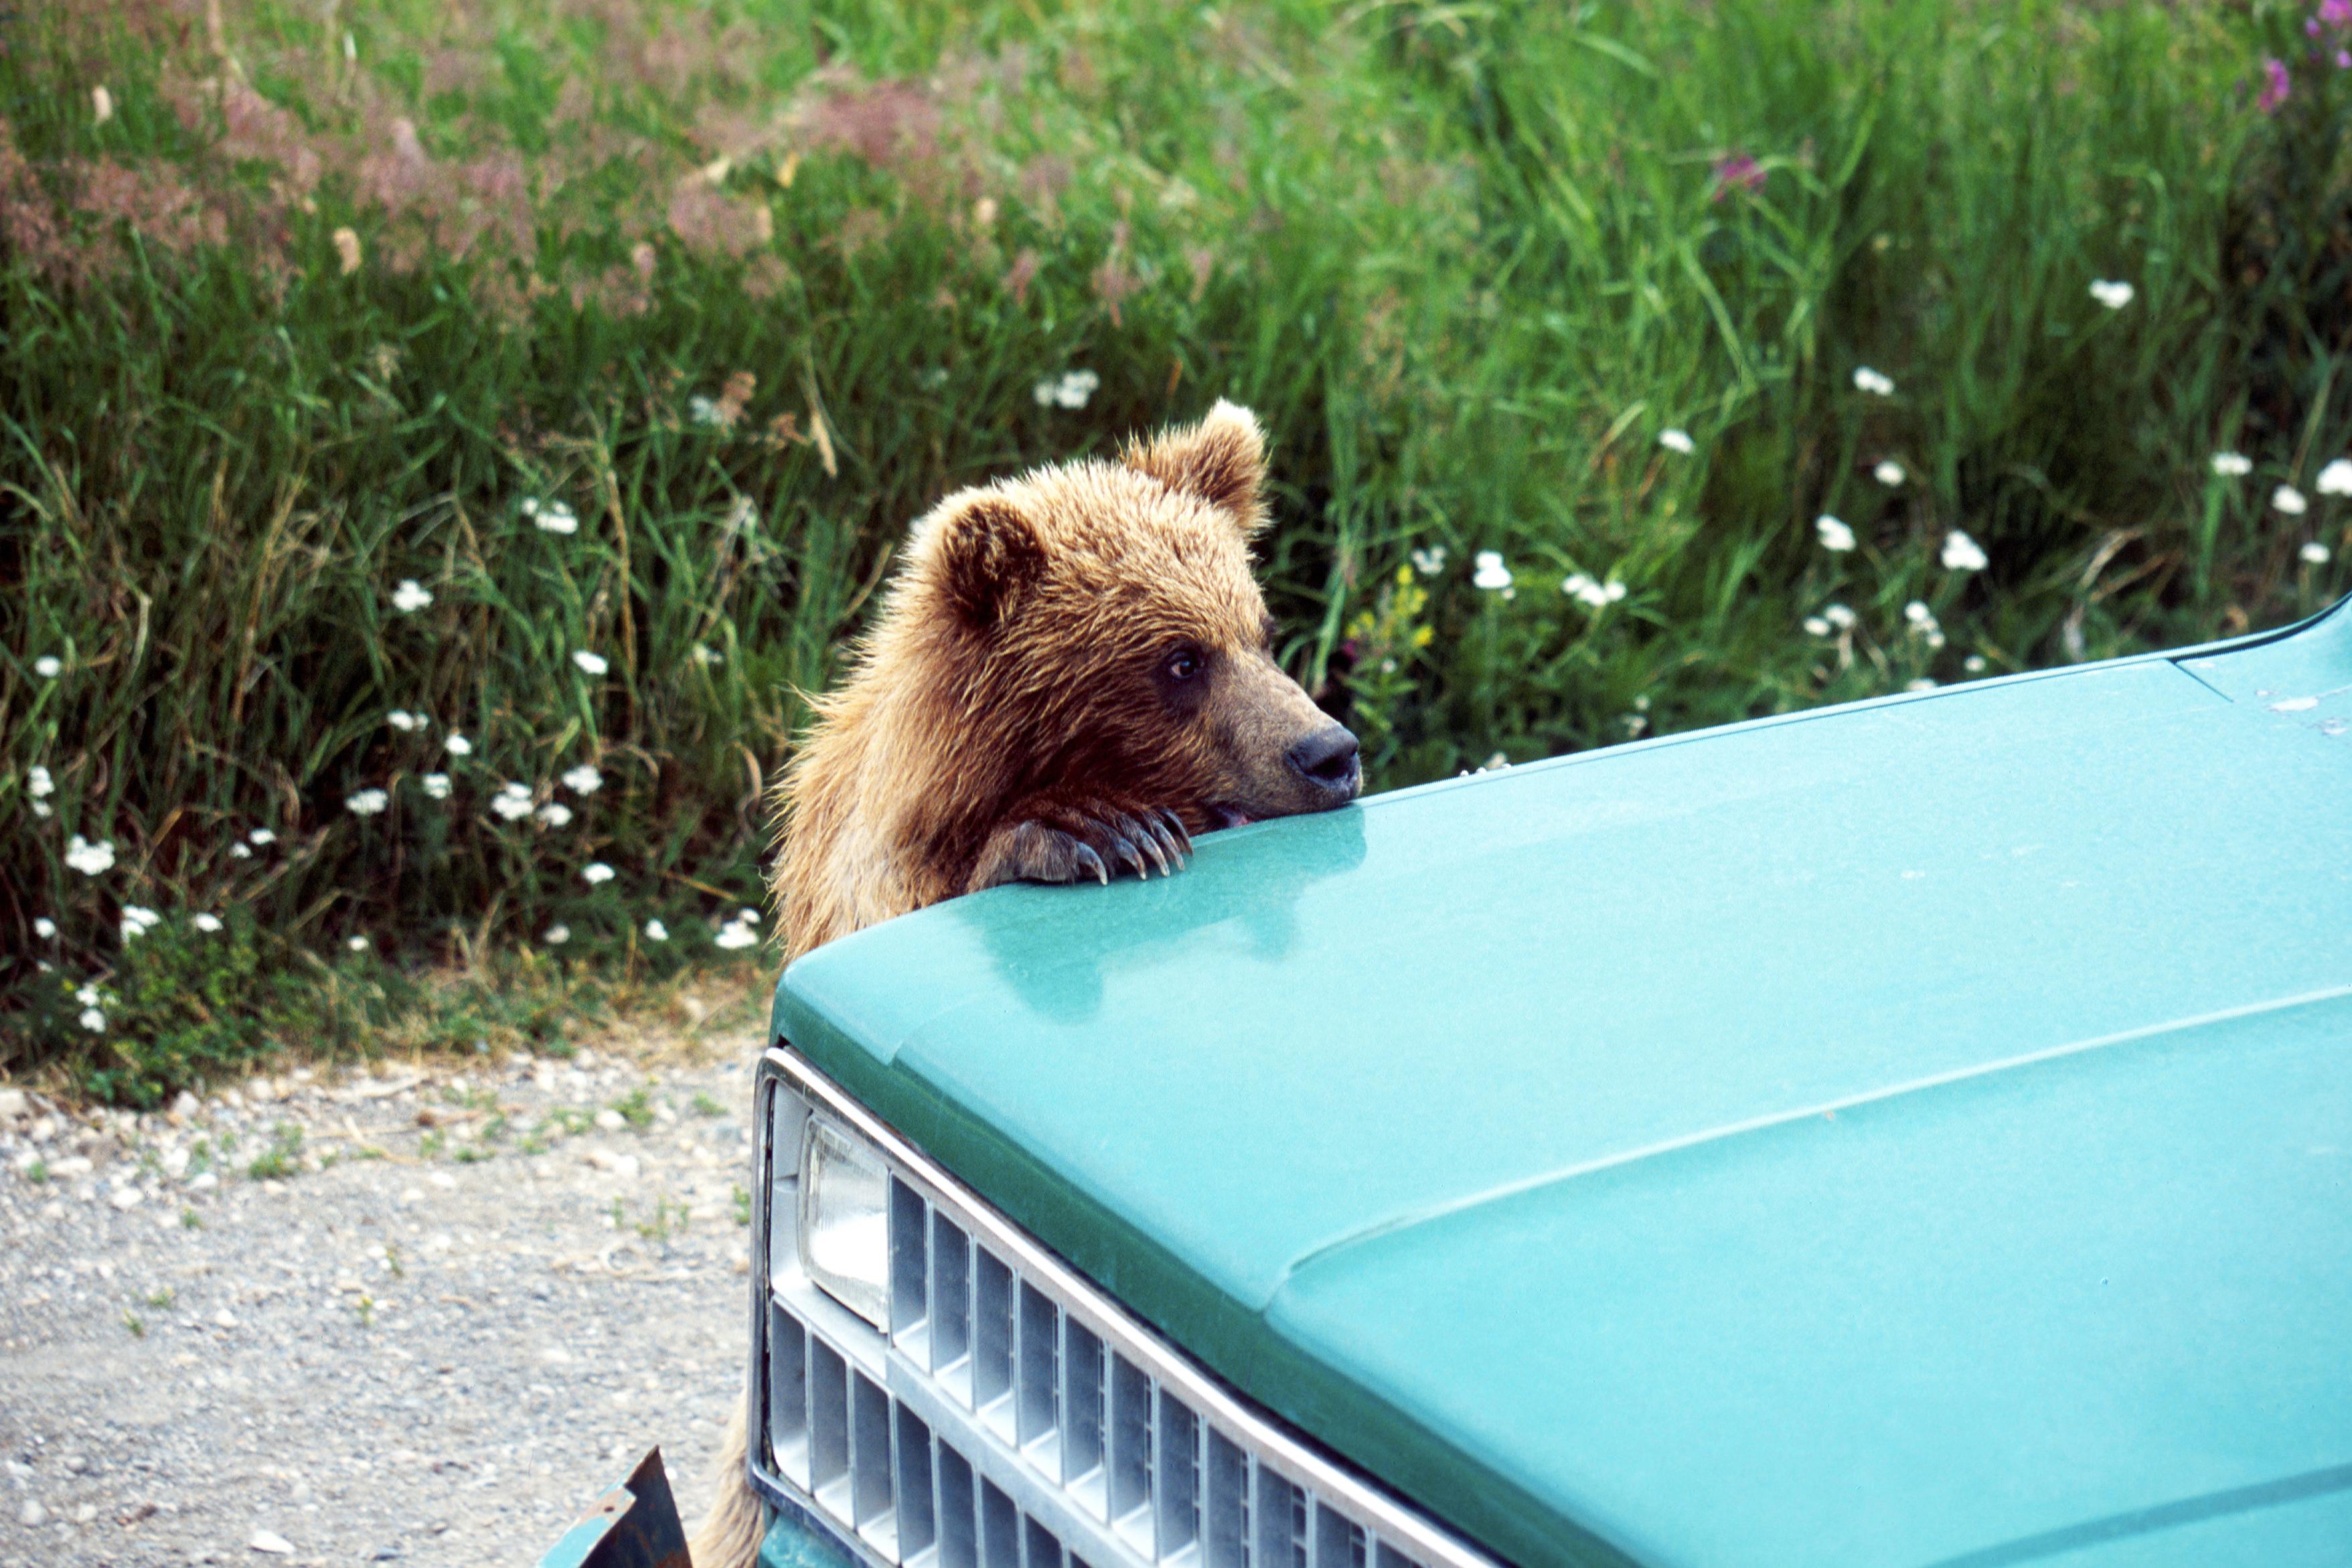 Brown Bear, Ursus arctos horribilis, Cub Playing on a car